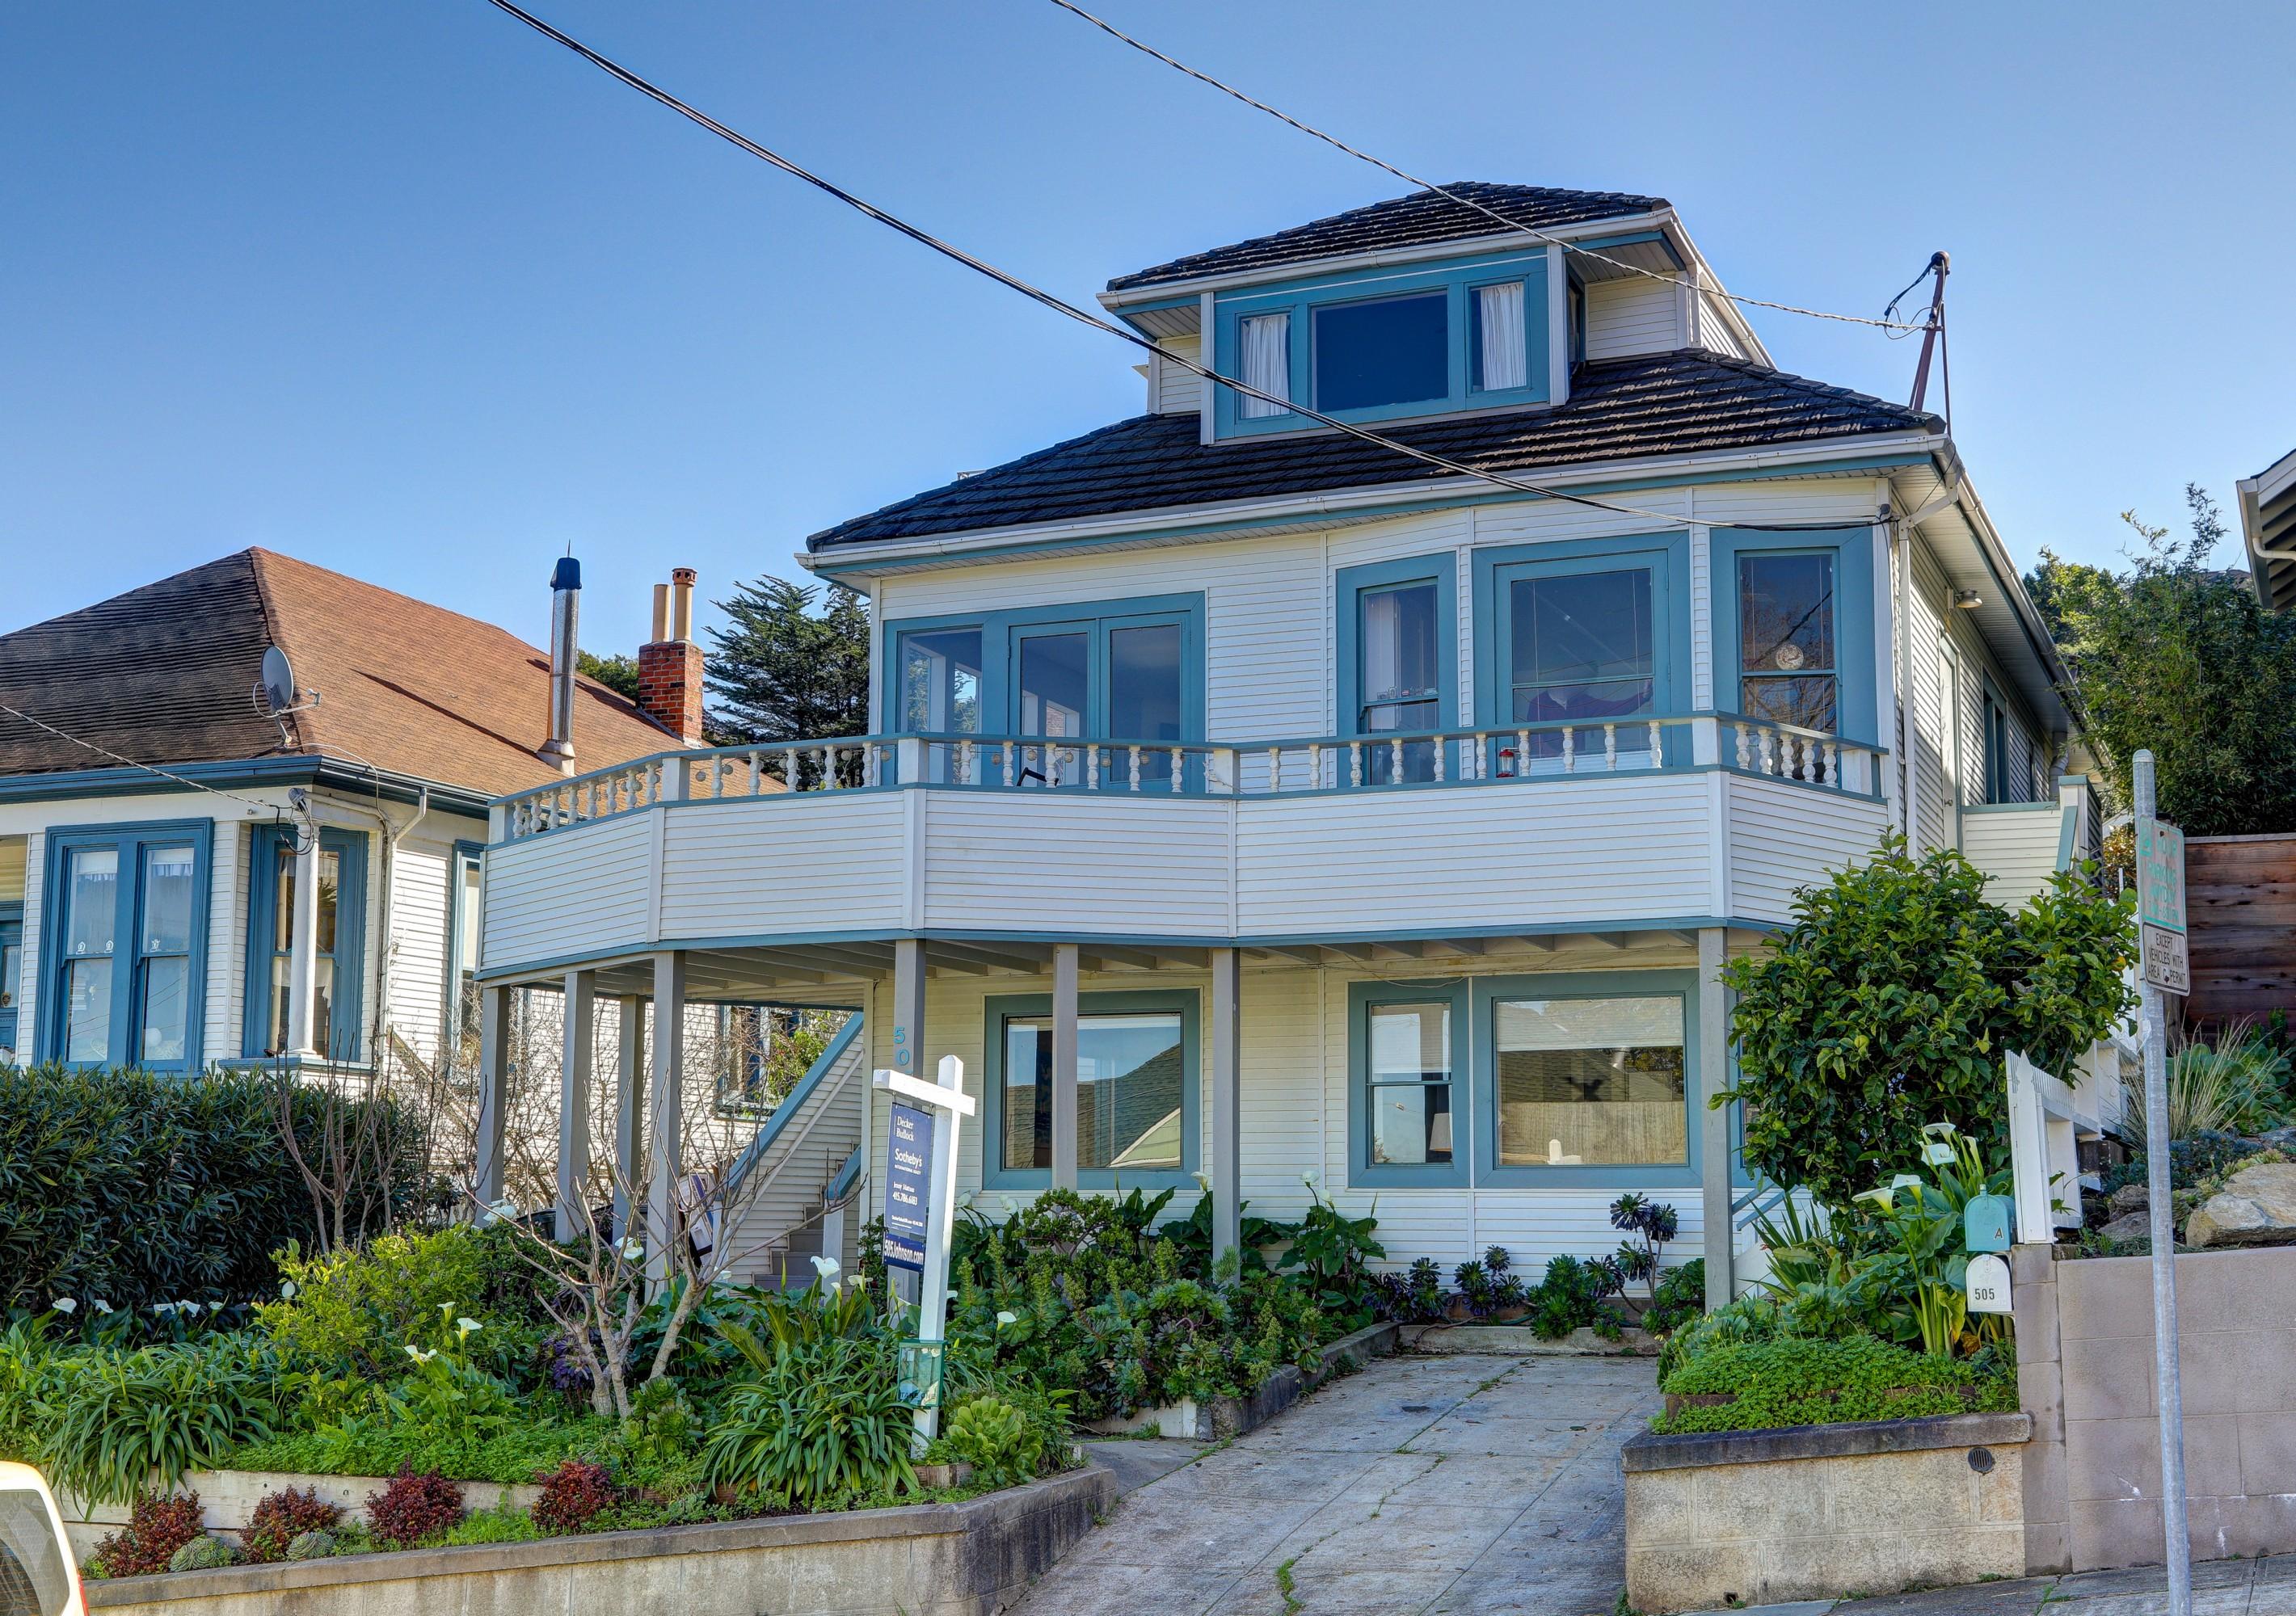 复式单位 为 销售 在 Stunning Sausalito Duplex 505 Johnson Street 索萨利托, 加利福尼亚州, 94965 美国